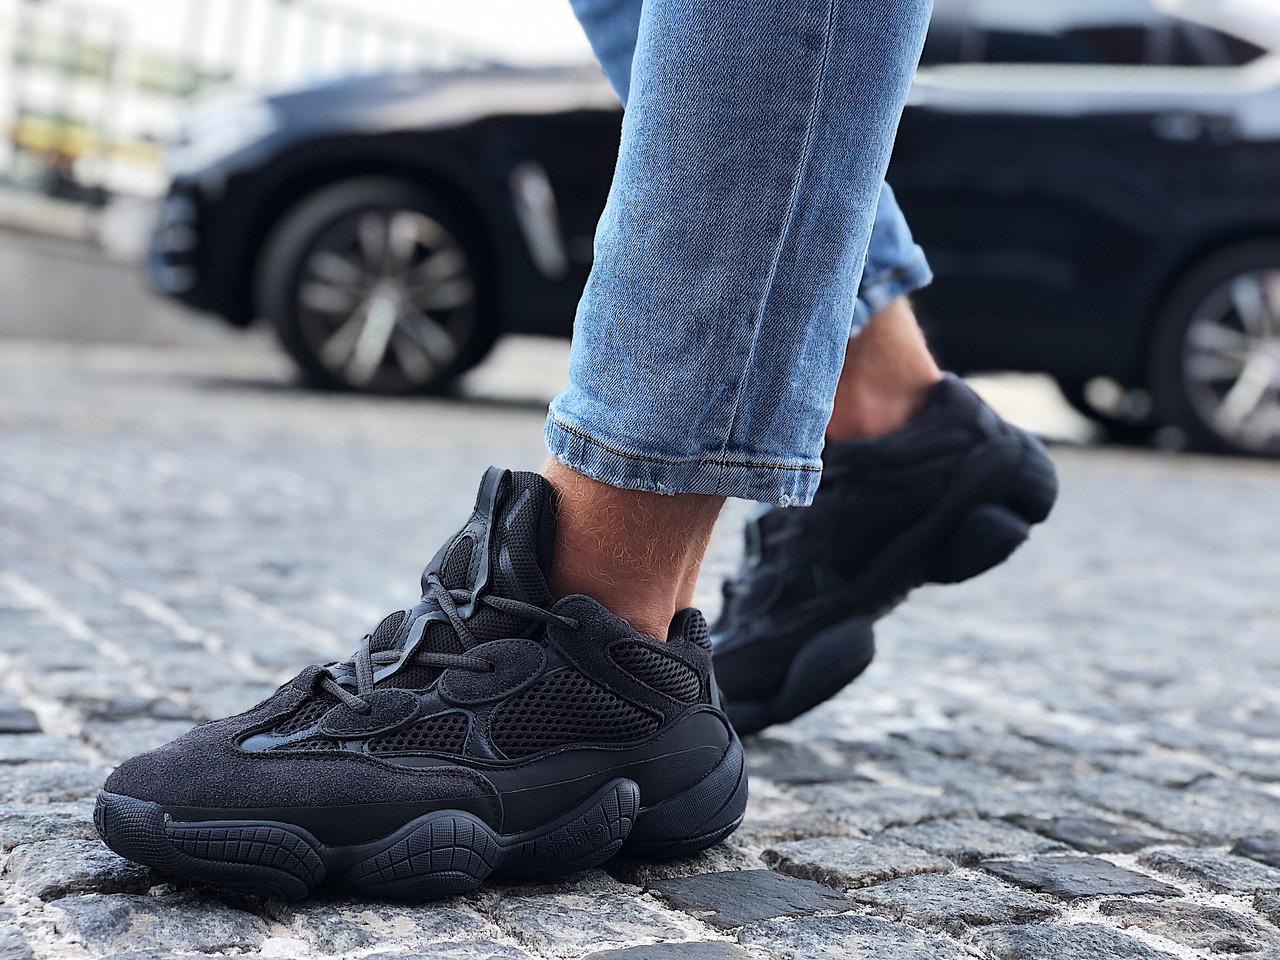 """Кроссовки мужские Adidas Yeezy 500 Boost """"Utility Black"""" (Размеры:42)"""